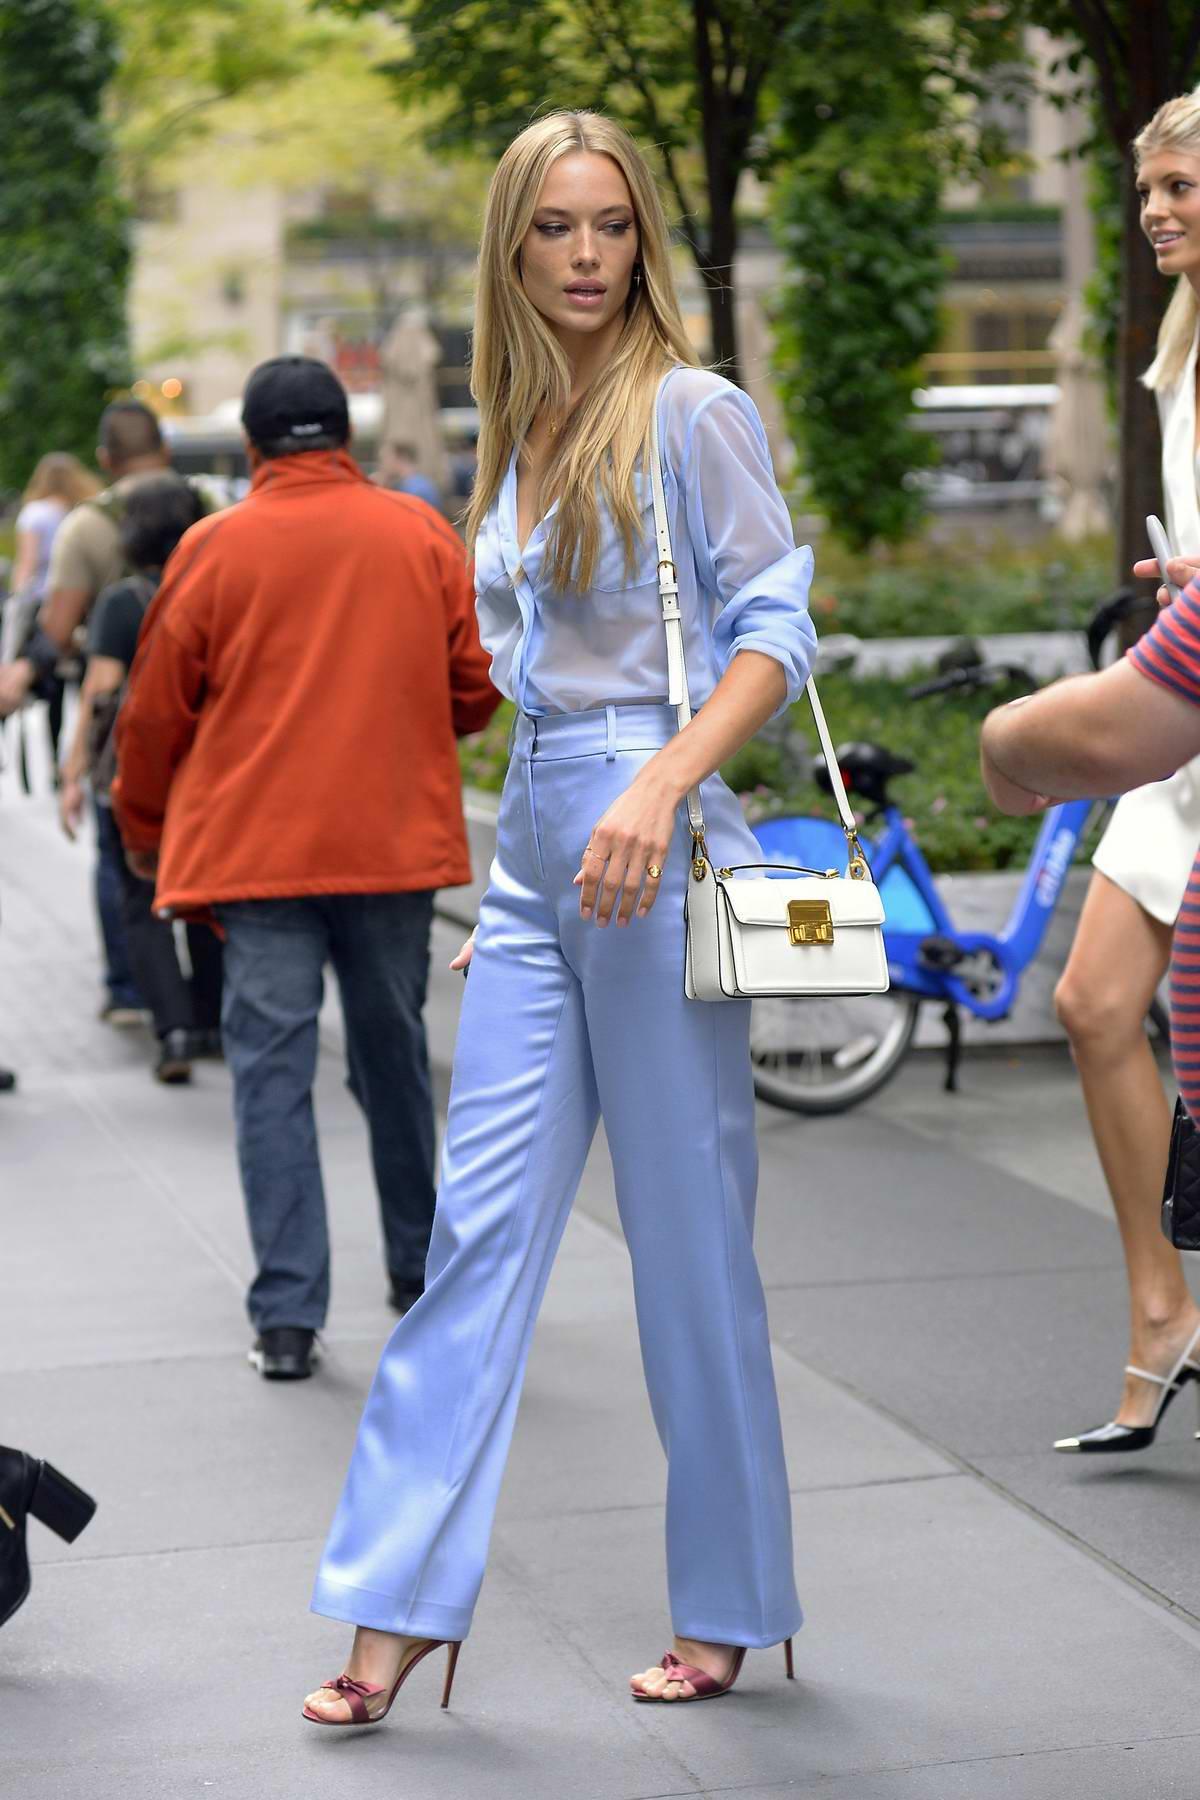 hannah ferguson rocks a blue sheer top and blue pants while